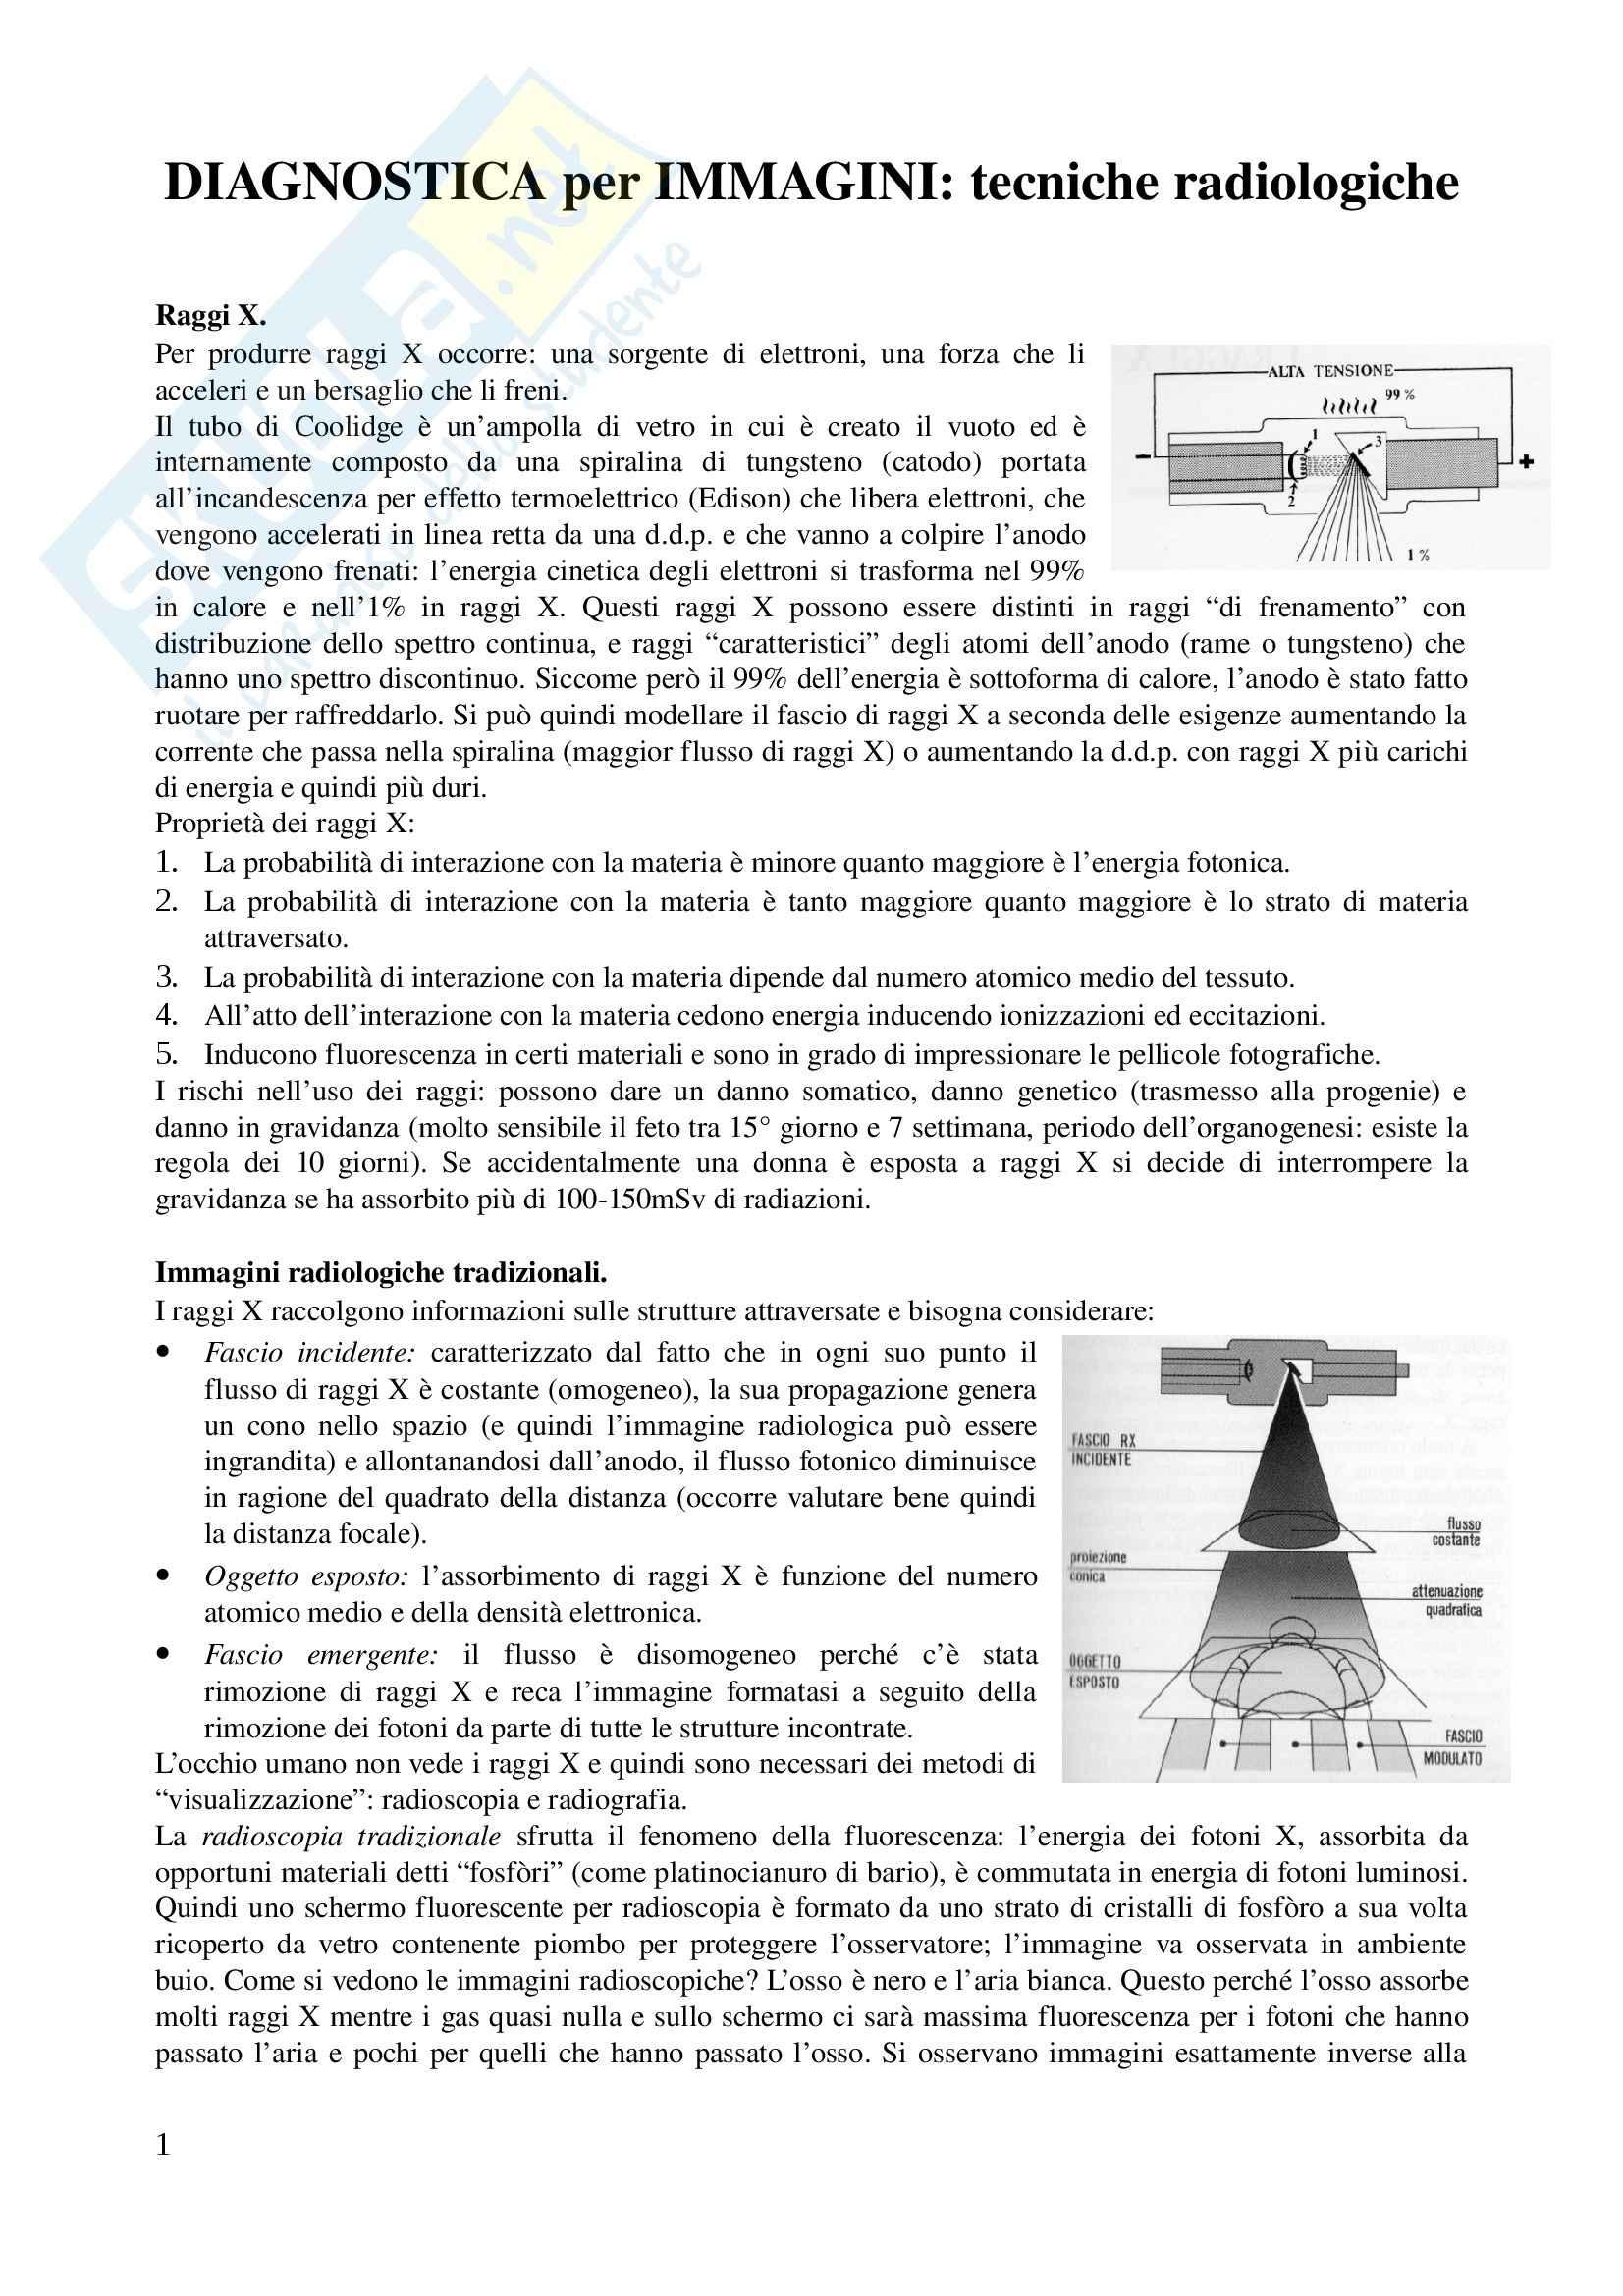 Riassunto esame Diagnostica per Immagini e radioterapia, prof. Carriero